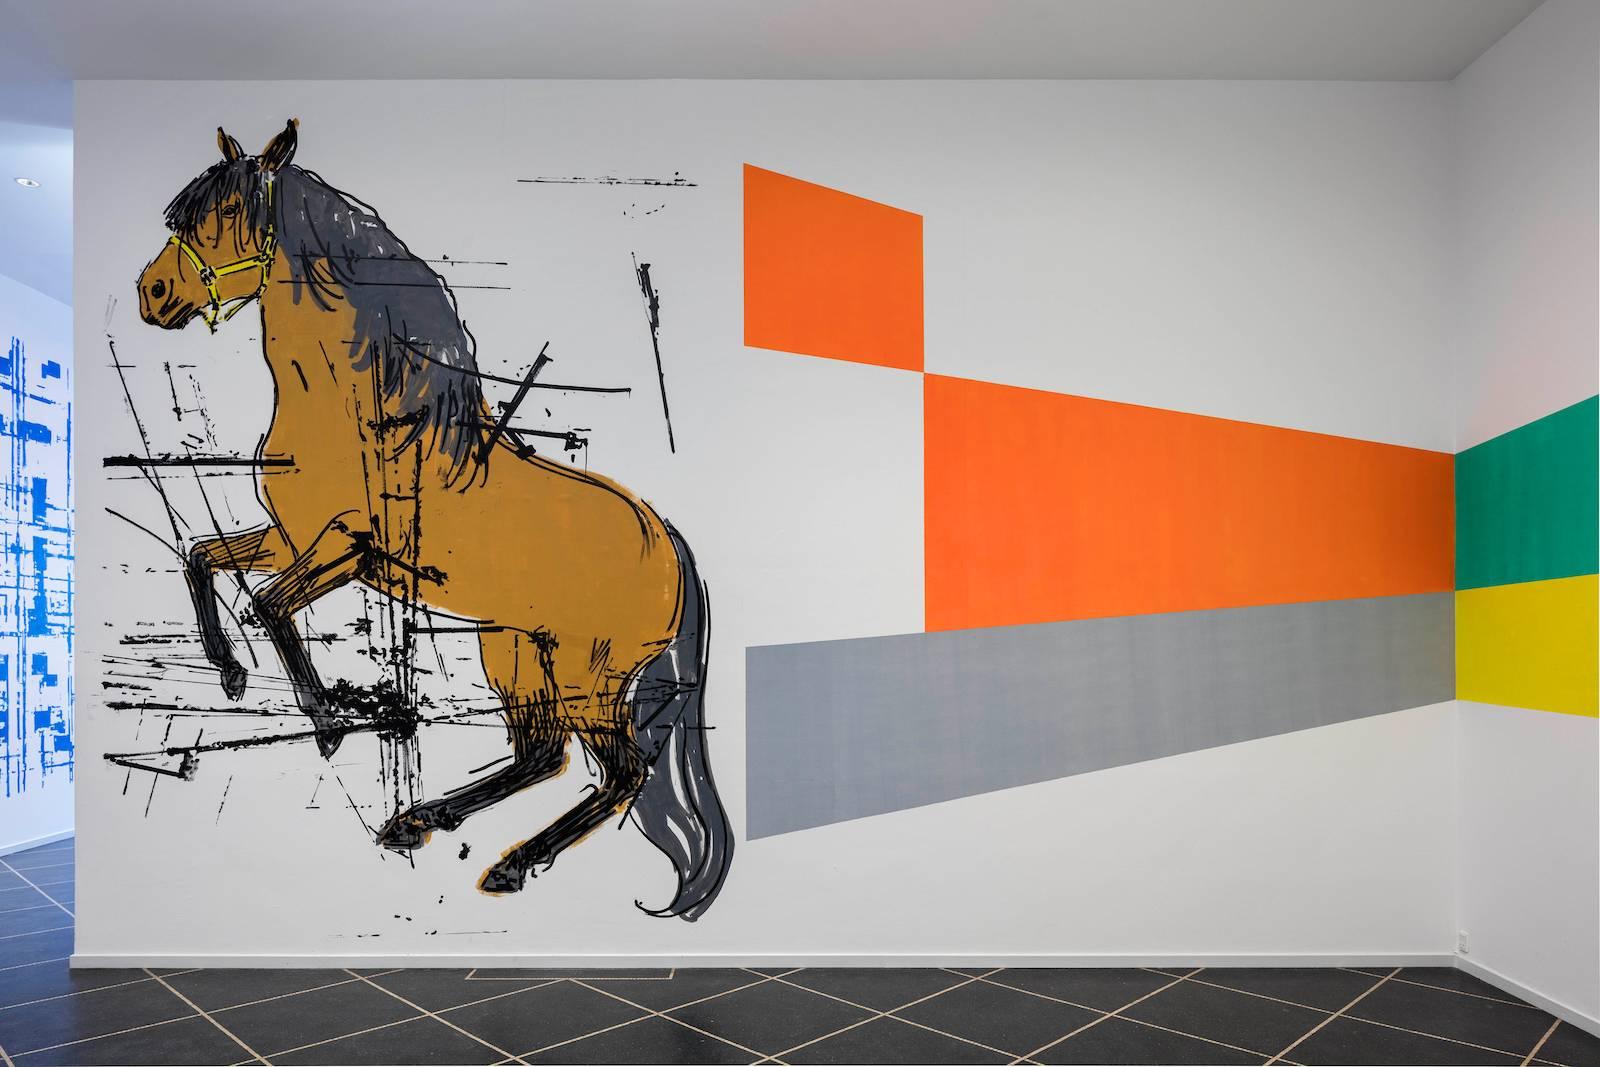 La pittura, 2016. Installation view Galleri Susanne Ottesen, Copenhagen, 2016